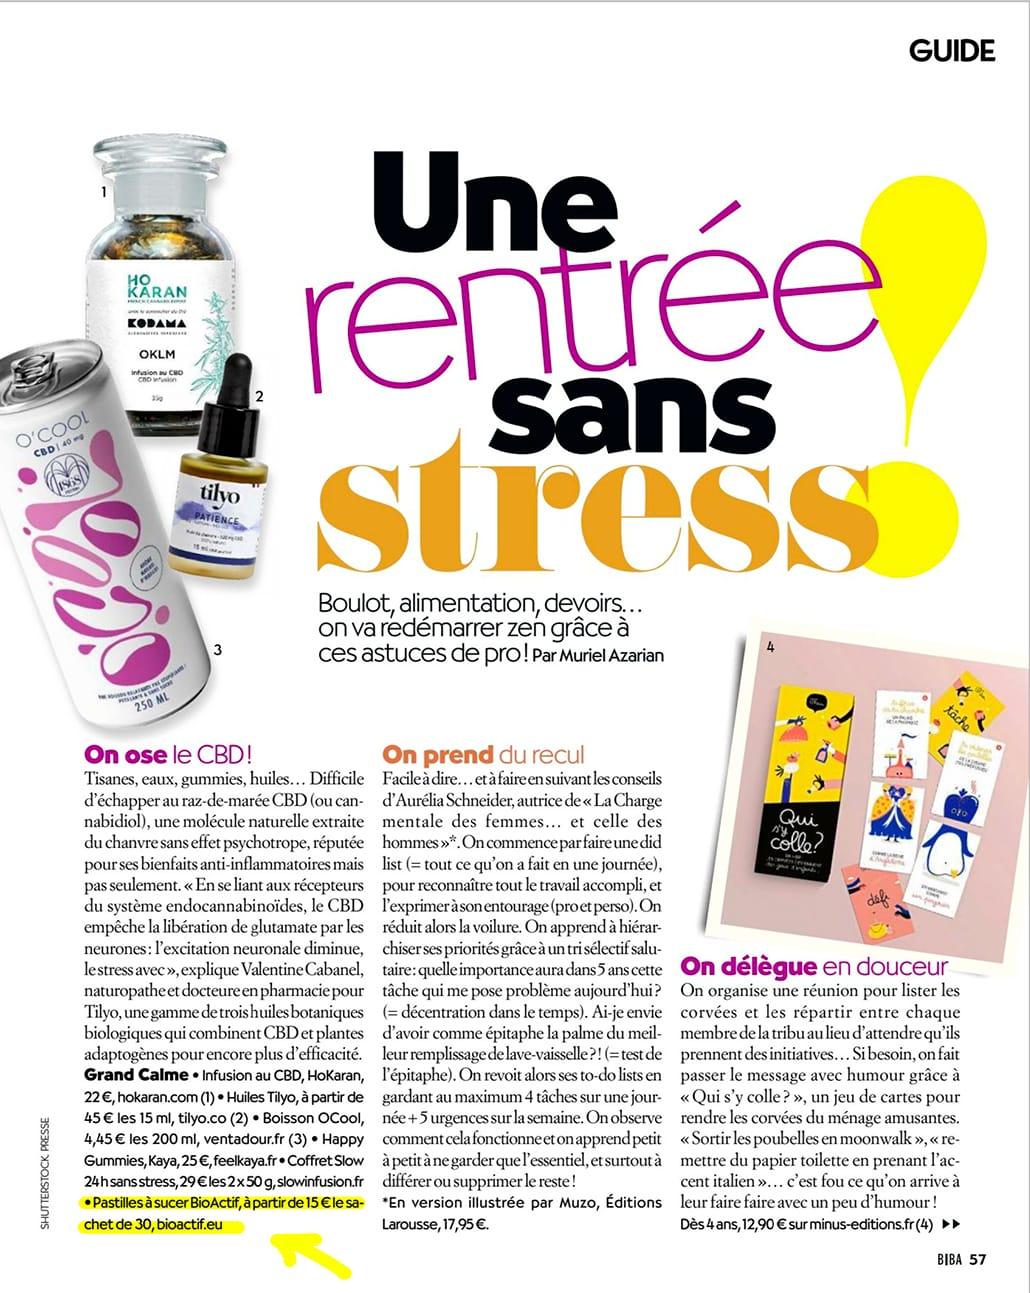 Pastille CBD bio française BioActif dans le magazine Biocontact 07/2021